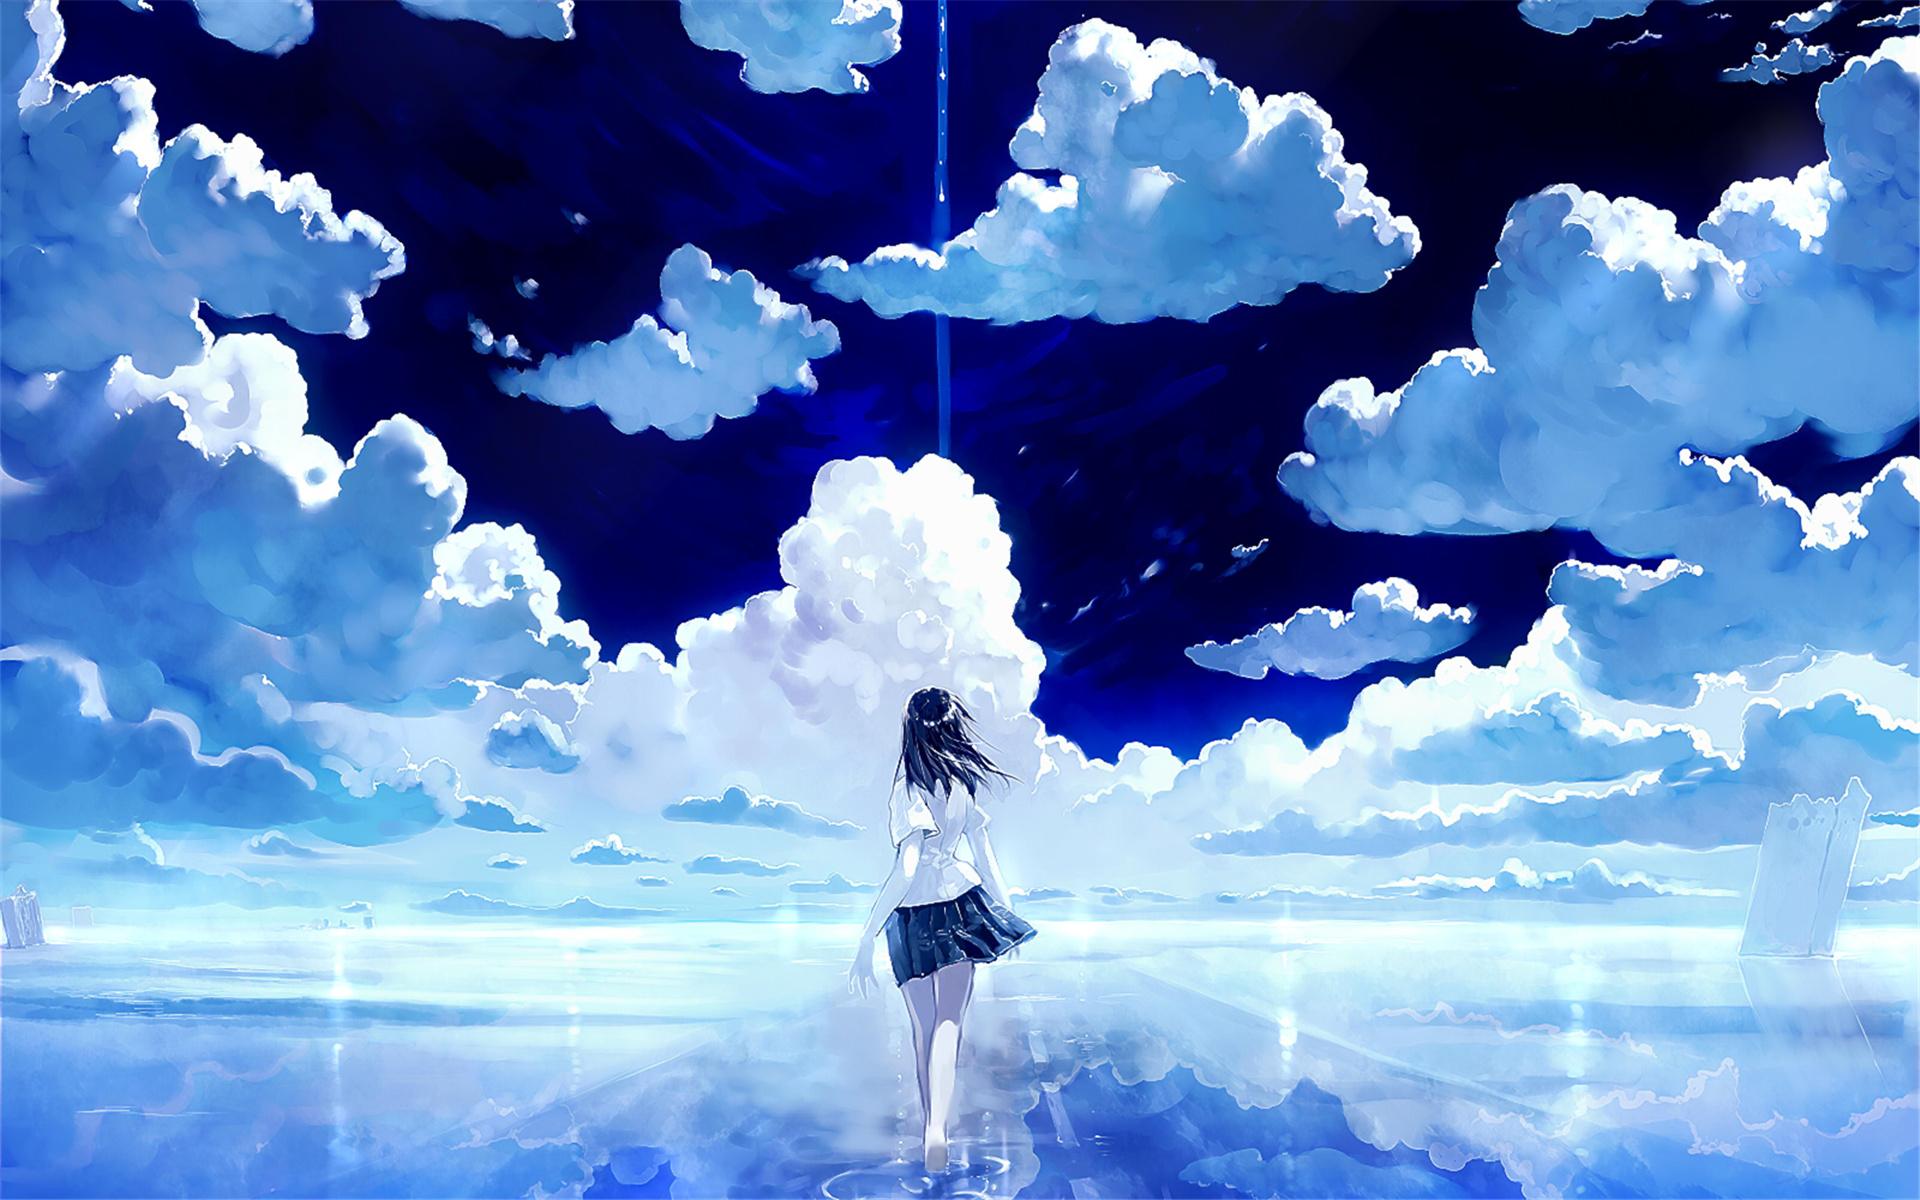 【osu!mania】Re:End of a Dream 6k 5.88* 95.6%